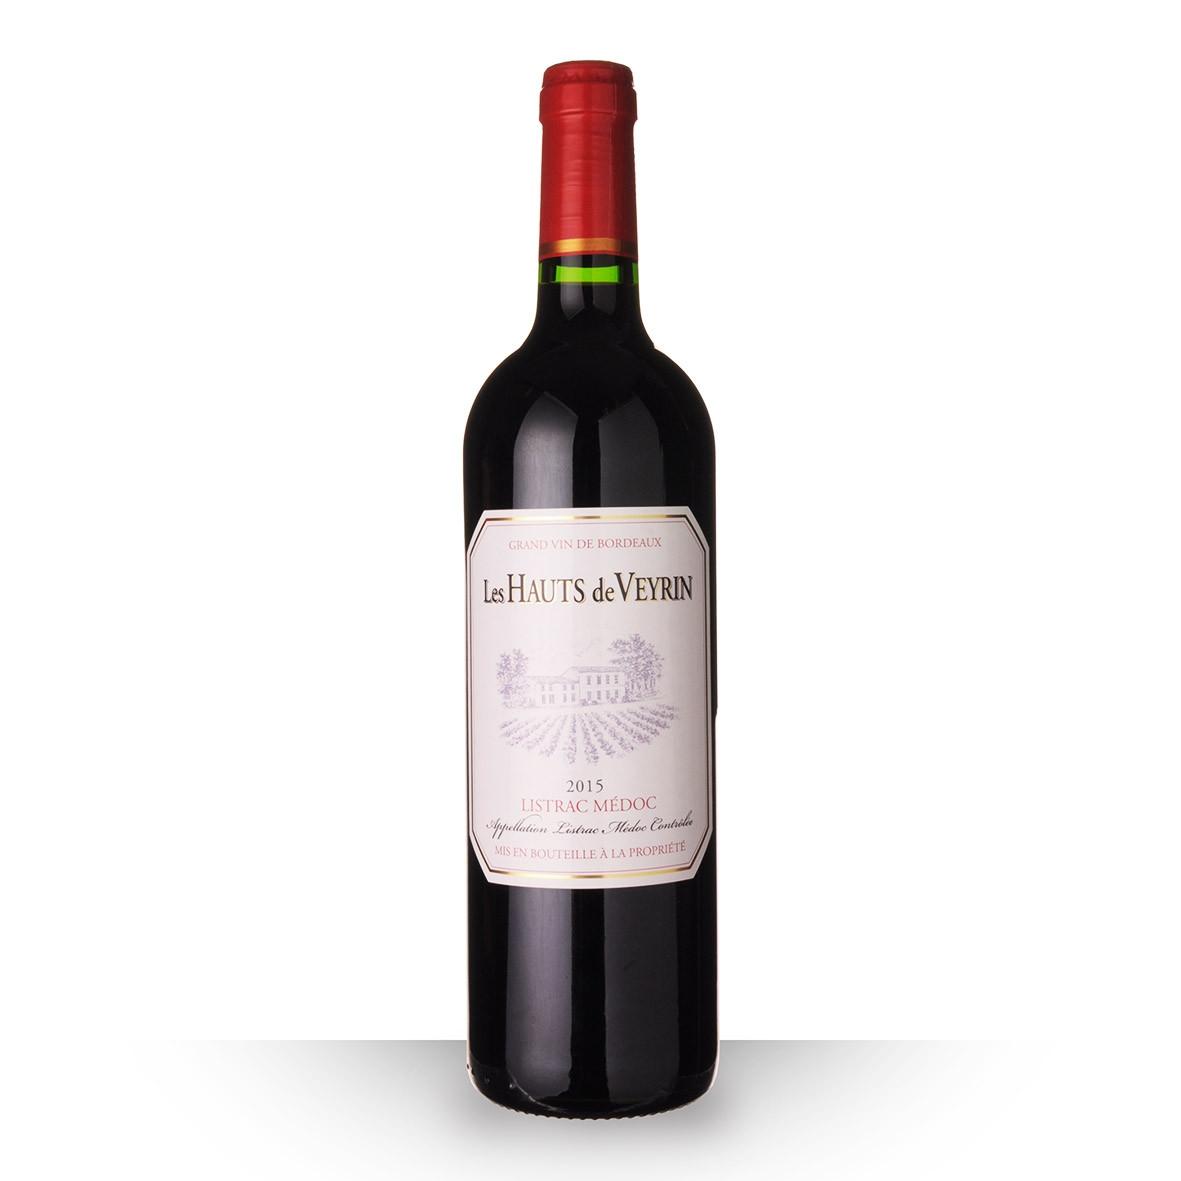 Les Hauts de Veyrin Listrac-Médoc Rouge 2015 75cl www.odyssee-vins.com